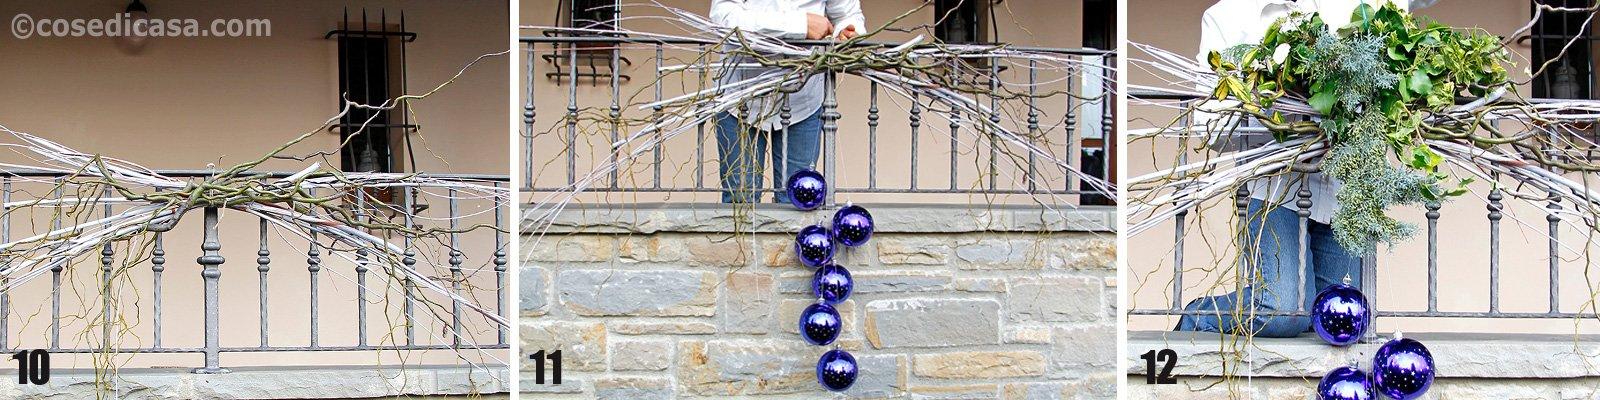 addobbi natalizi per balconi decorazioni : Decorazione natalizia per il balcone - Cose di Casa